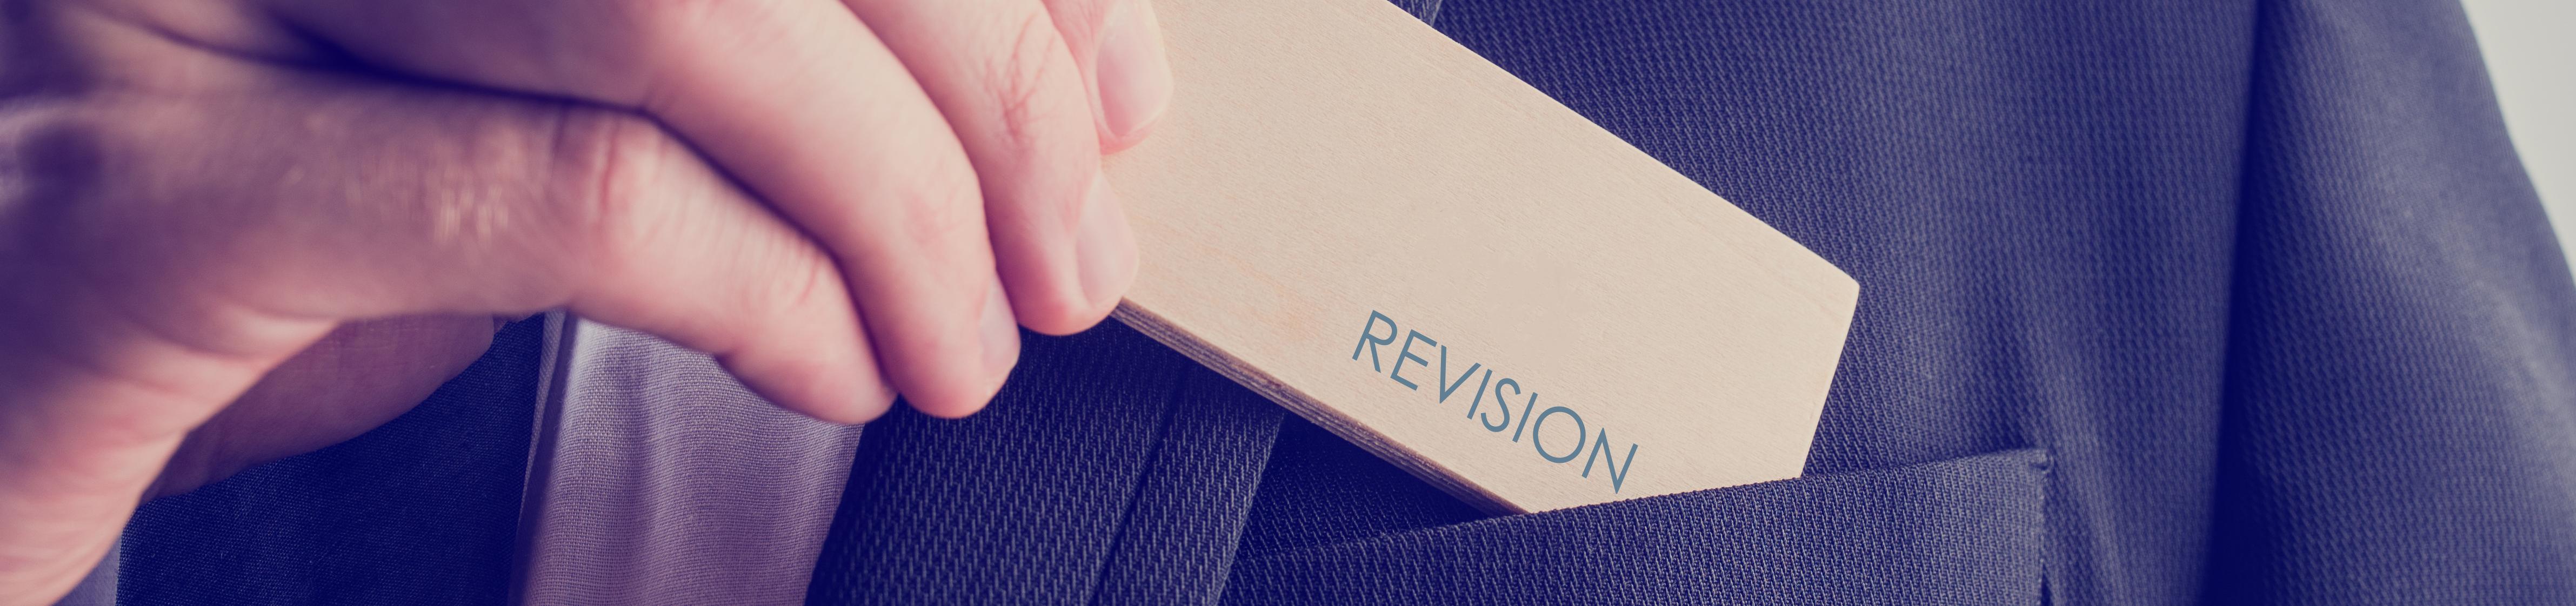 medarbejdere_revision